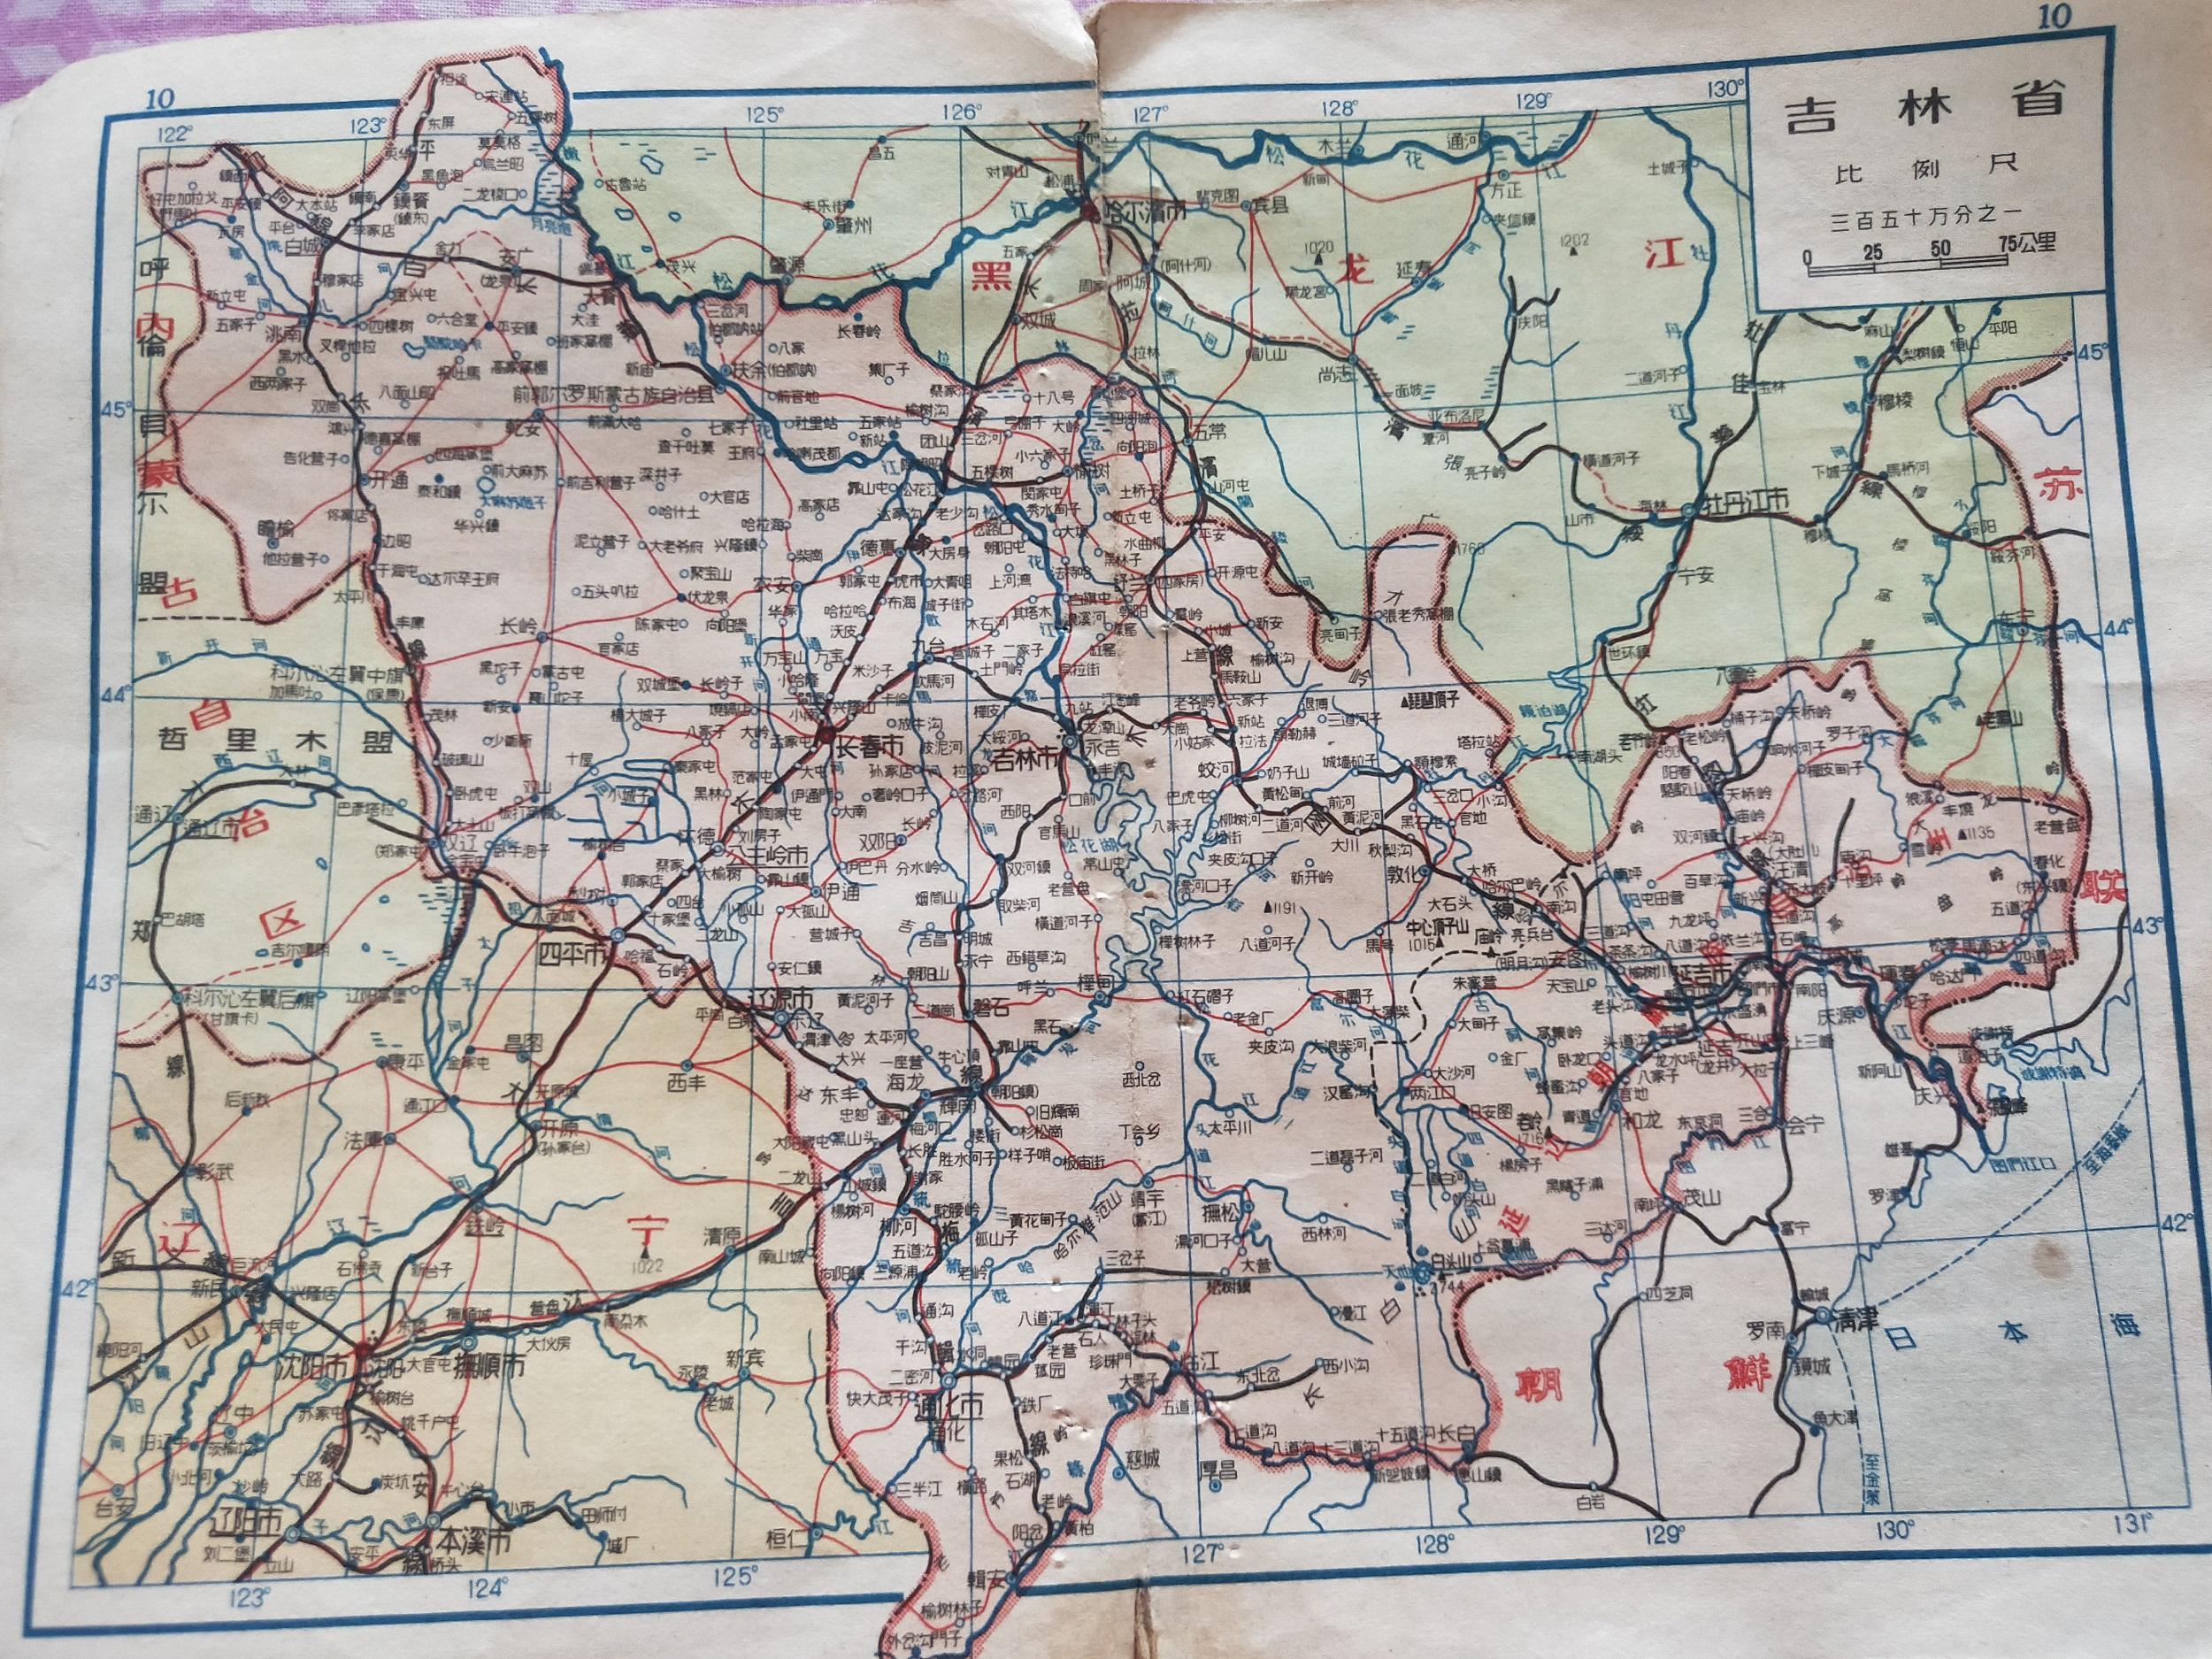 地图里的中国,1957年的东北与华北分省区划